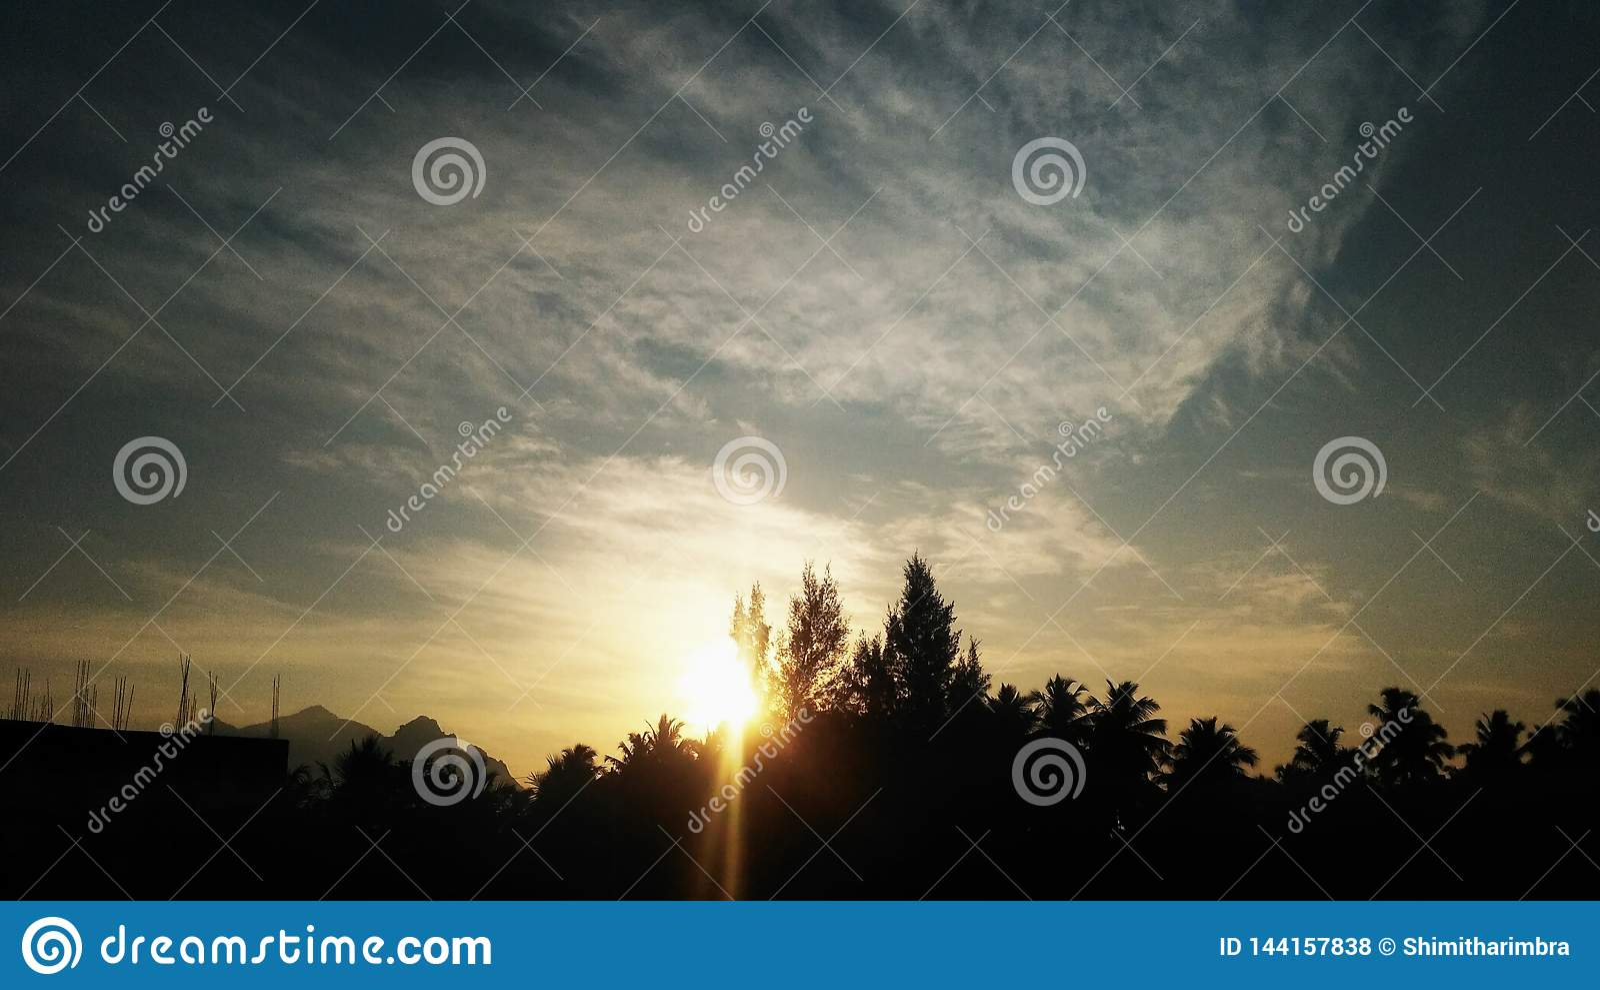 """Morni """"Keep din framsida till solen och dig ska se aldrig skuggorna """""""